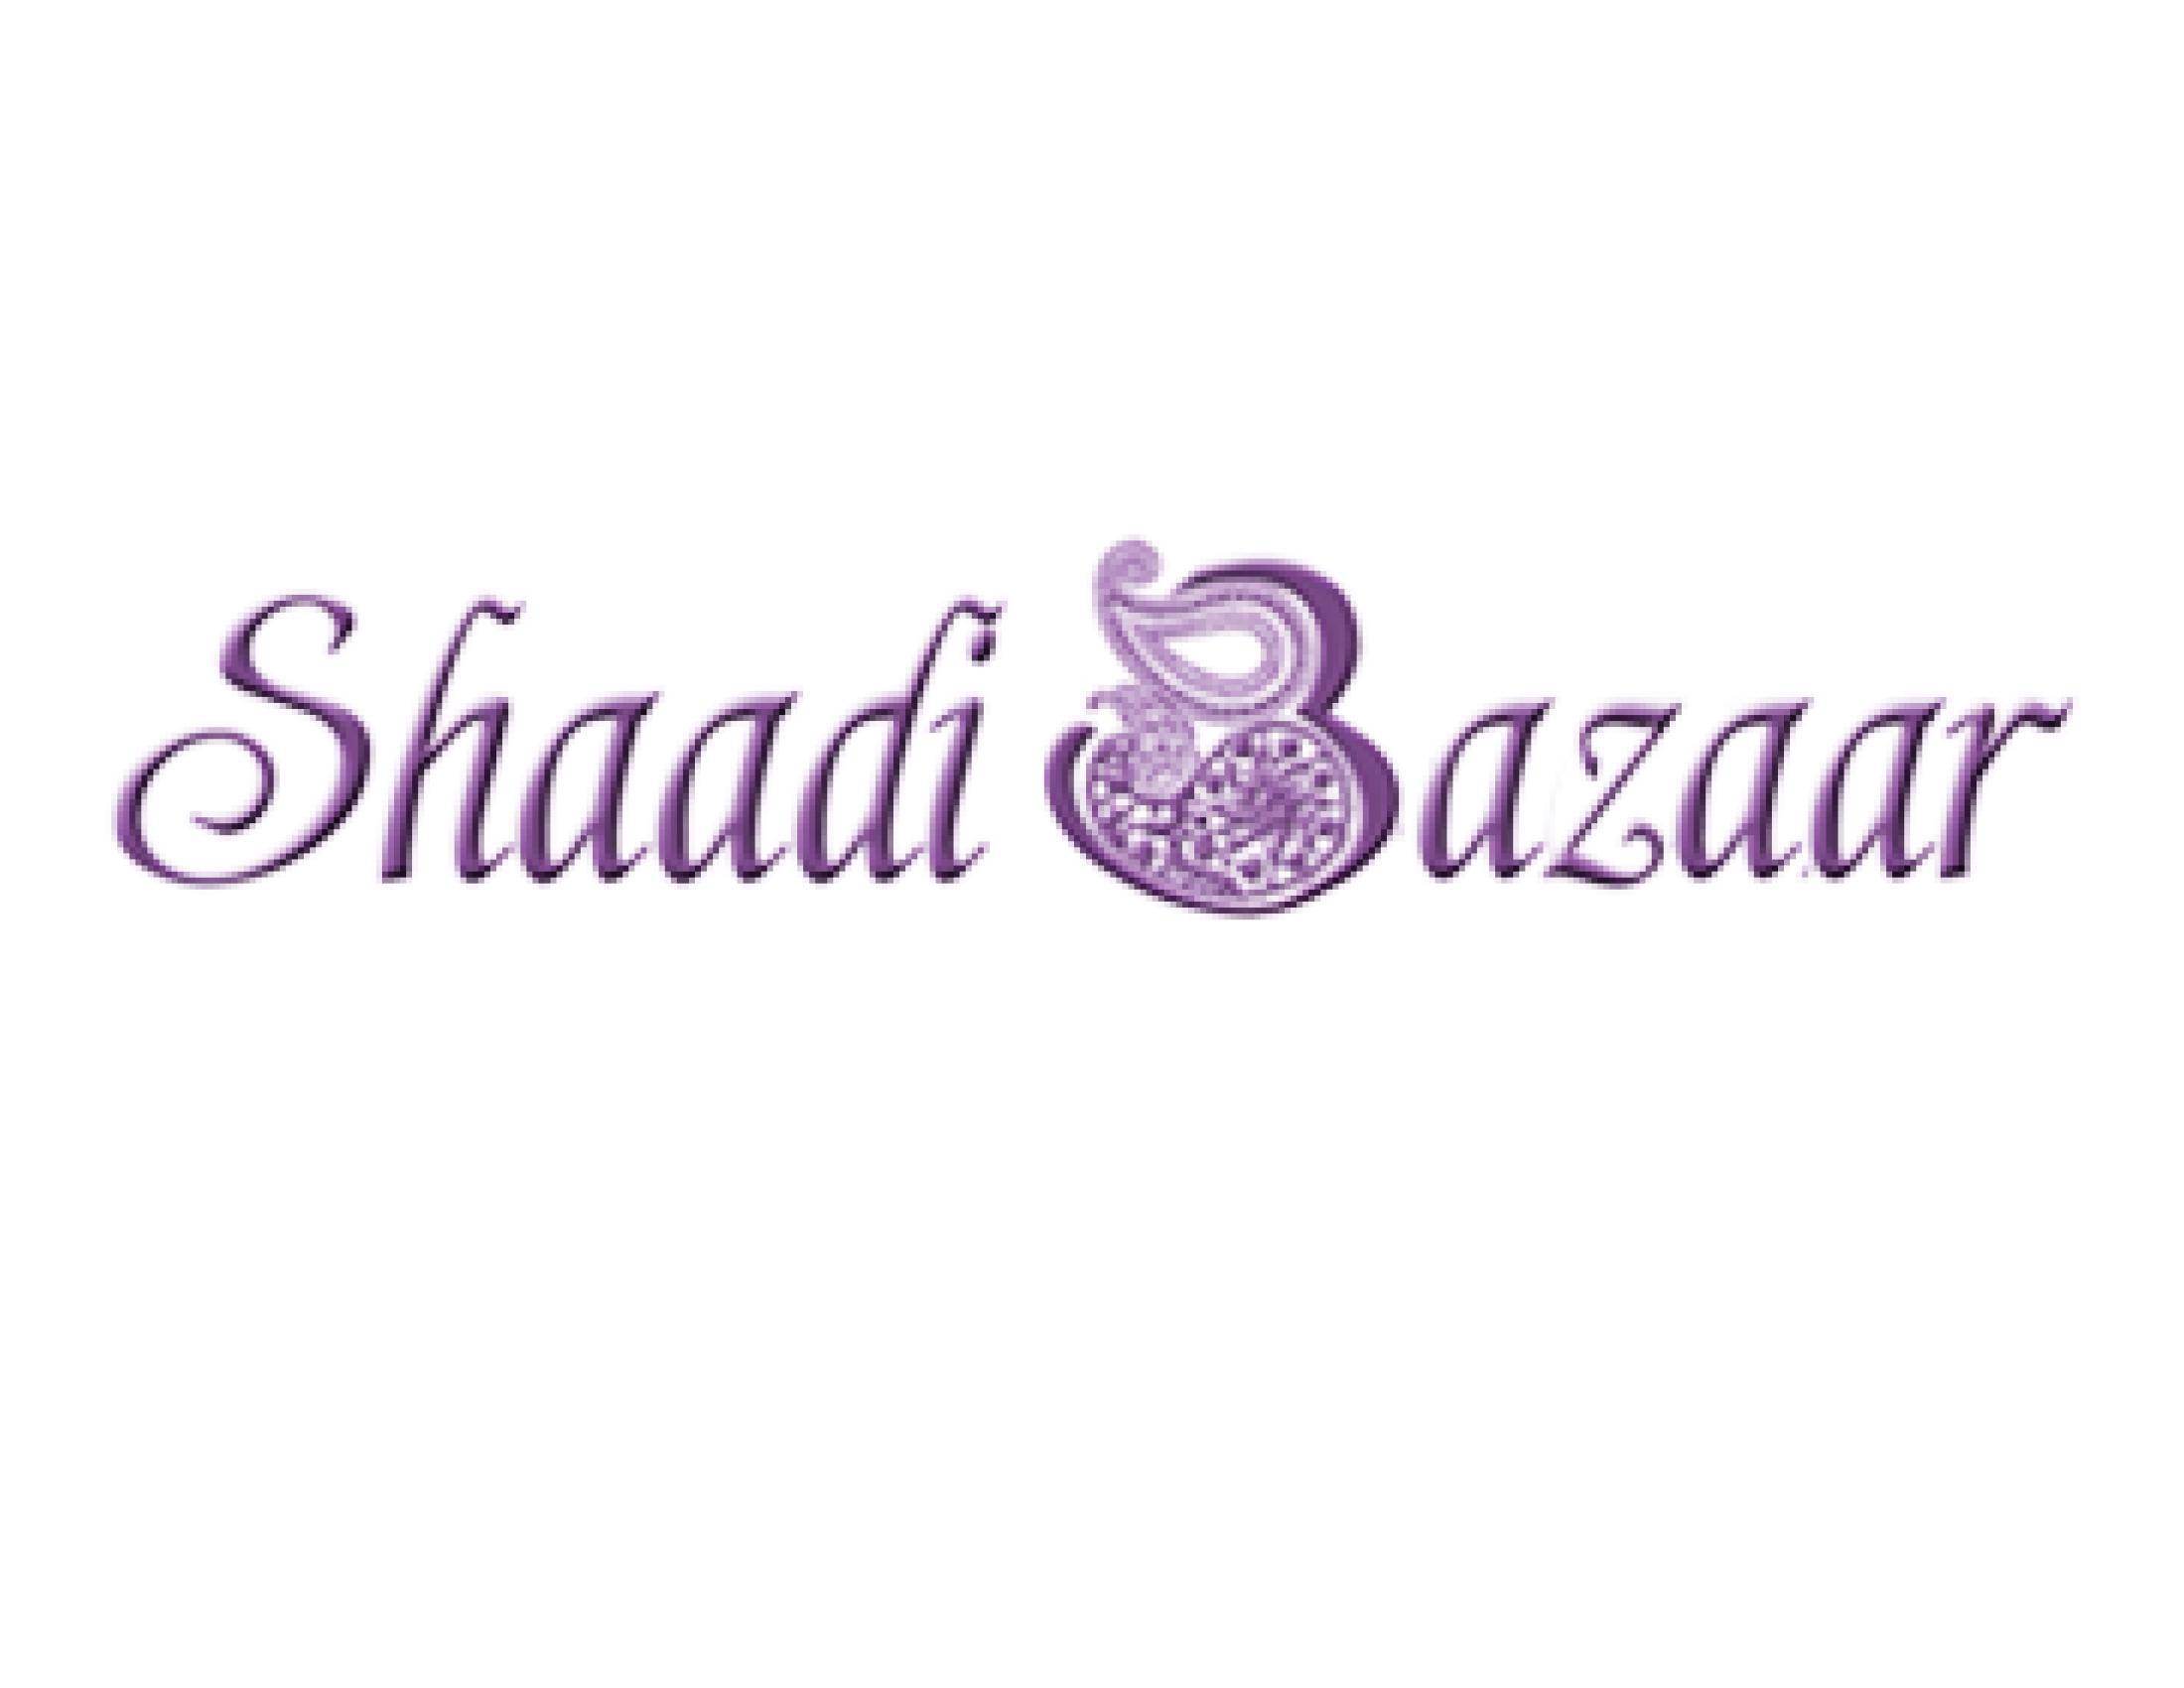 Shaadi Bazaar.jpg